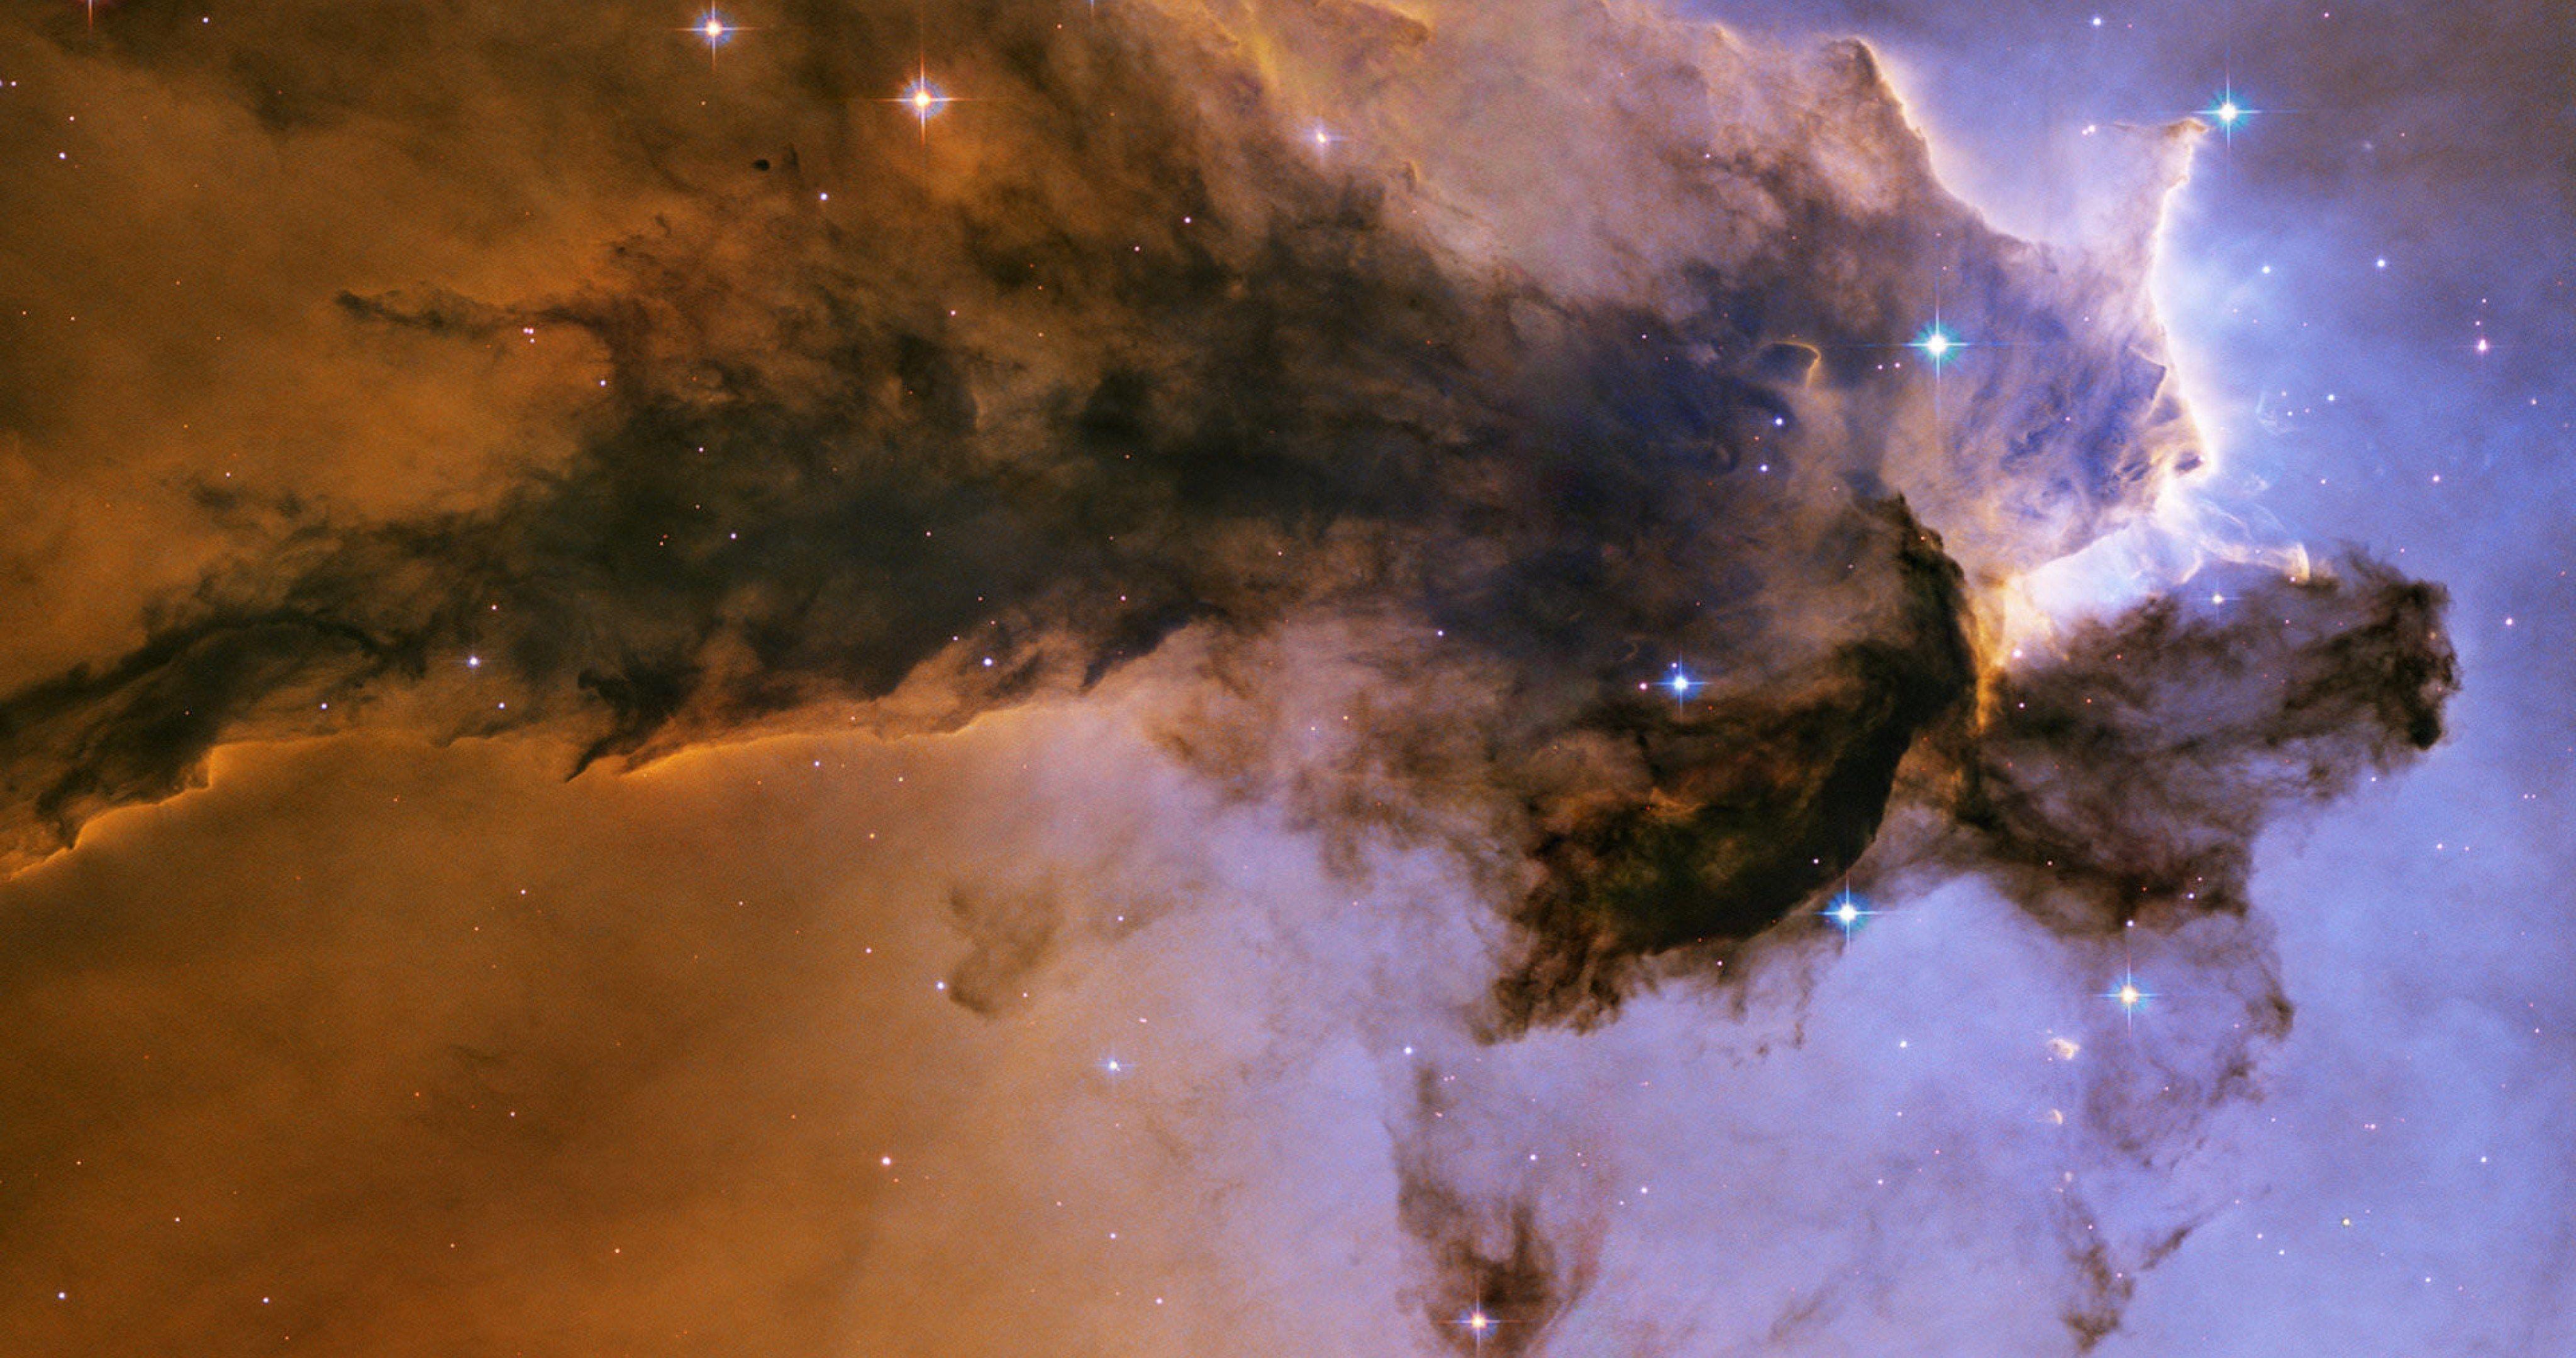 Hubble Nebula Hd 4k Ultra Hd Wallpaper Nebula Eagle Nebula Hubble